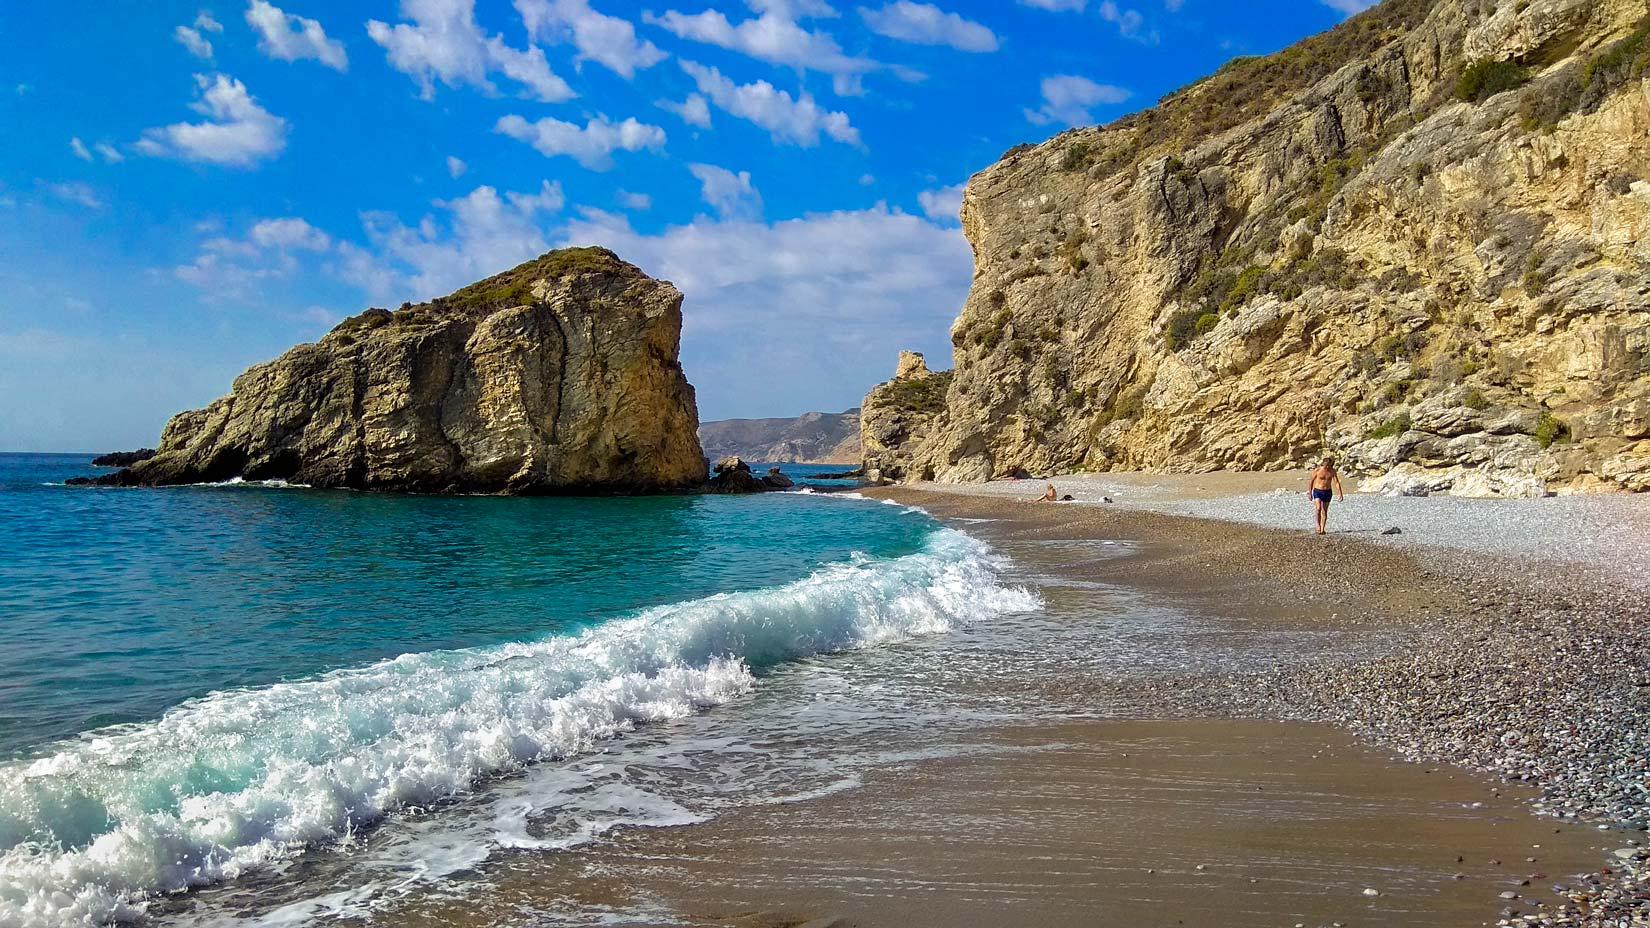 Hlavní pláž Kaladi se vás bude jemně dotýkat svými napěněnými prstíky a hýčkat jemným pískem